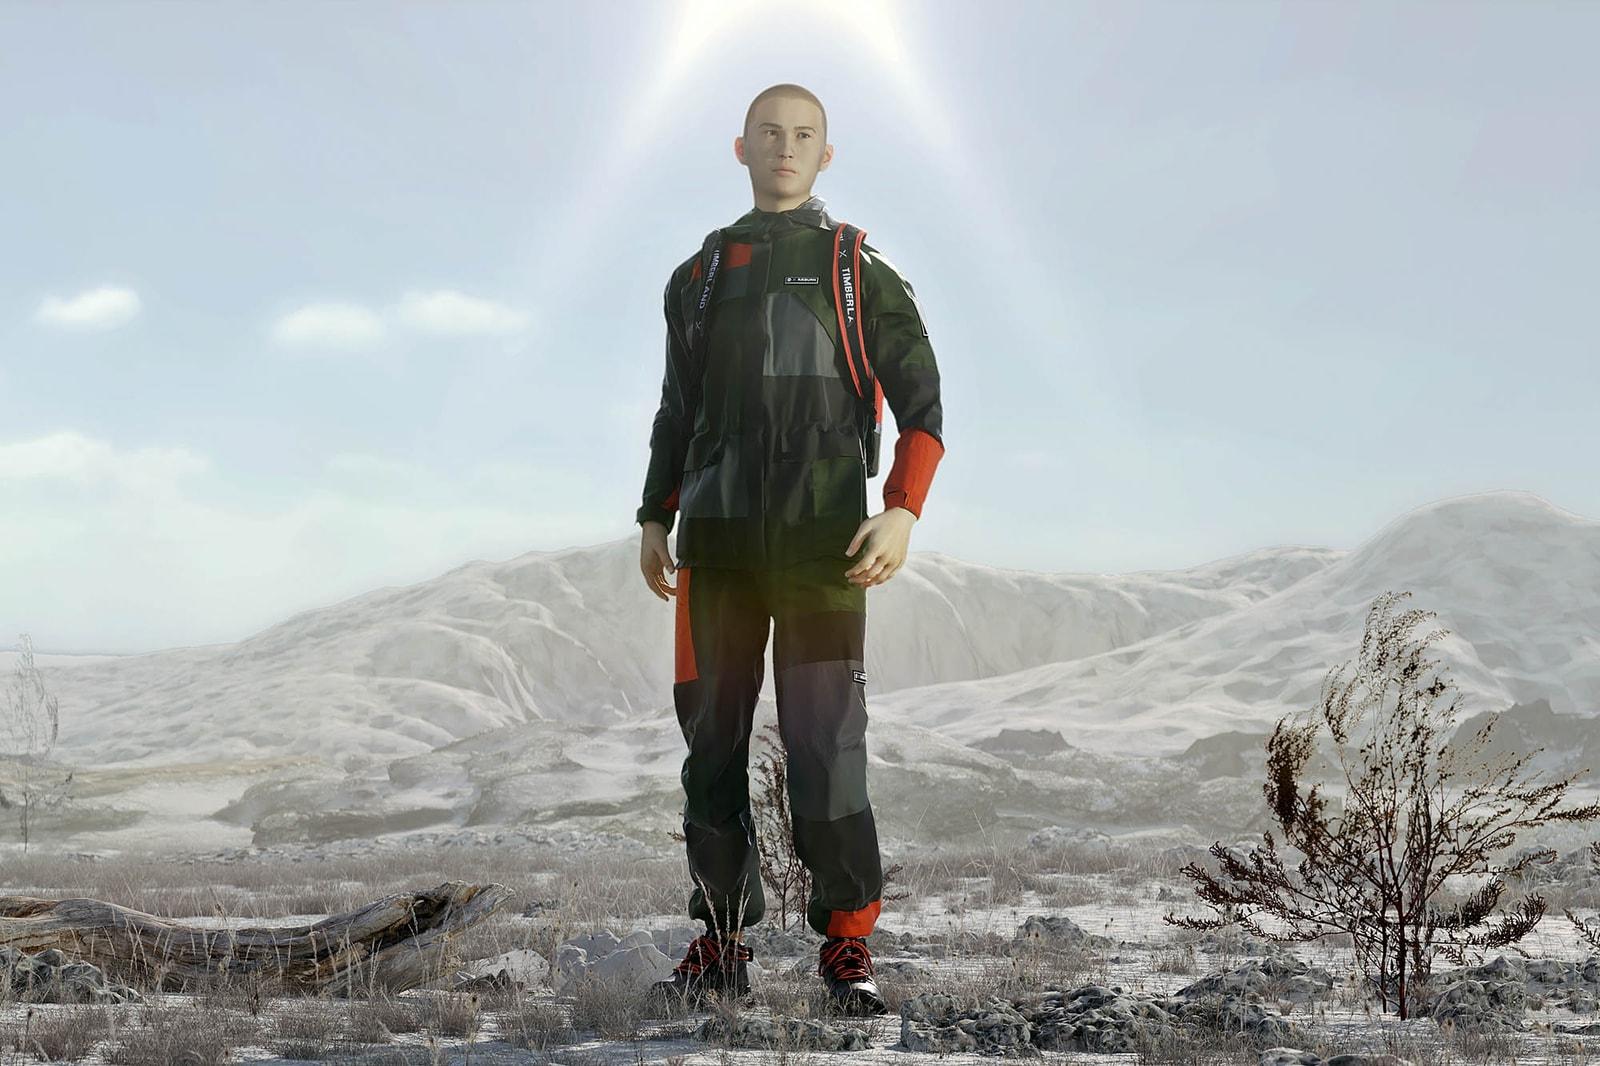 從廢棄軍用降落傘物料取得靈感之 TIMBERLAND X RÆBURN COLLECTION